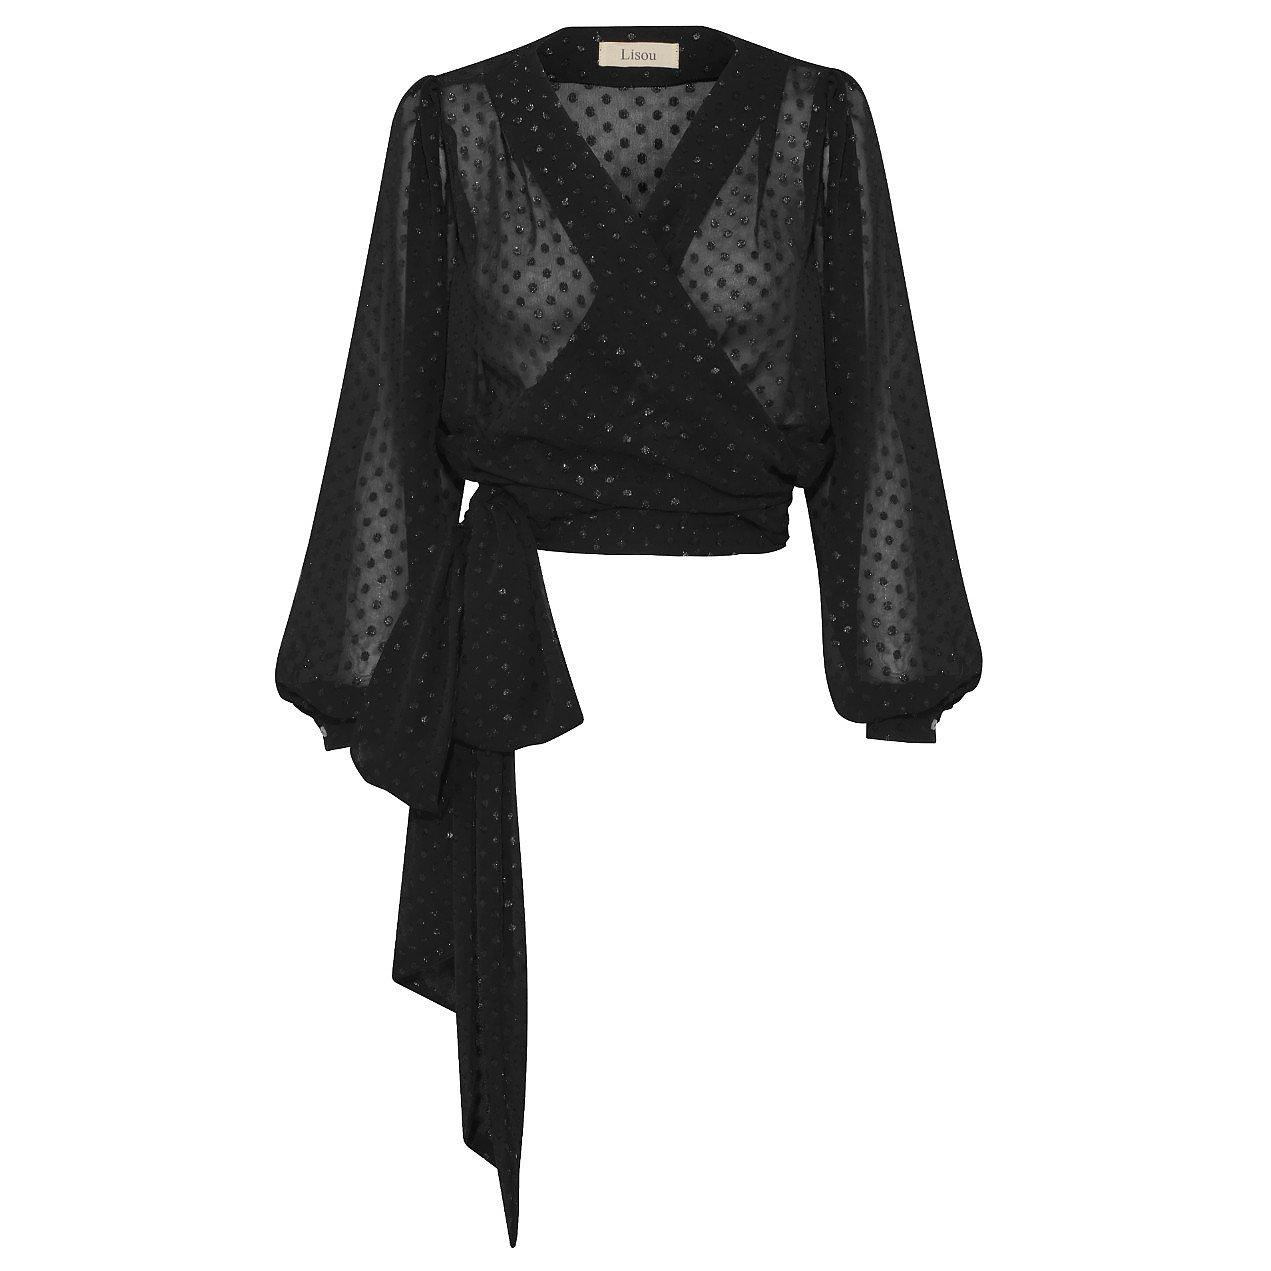 Lisou Delphine Metallic Print Chiffon Shirt